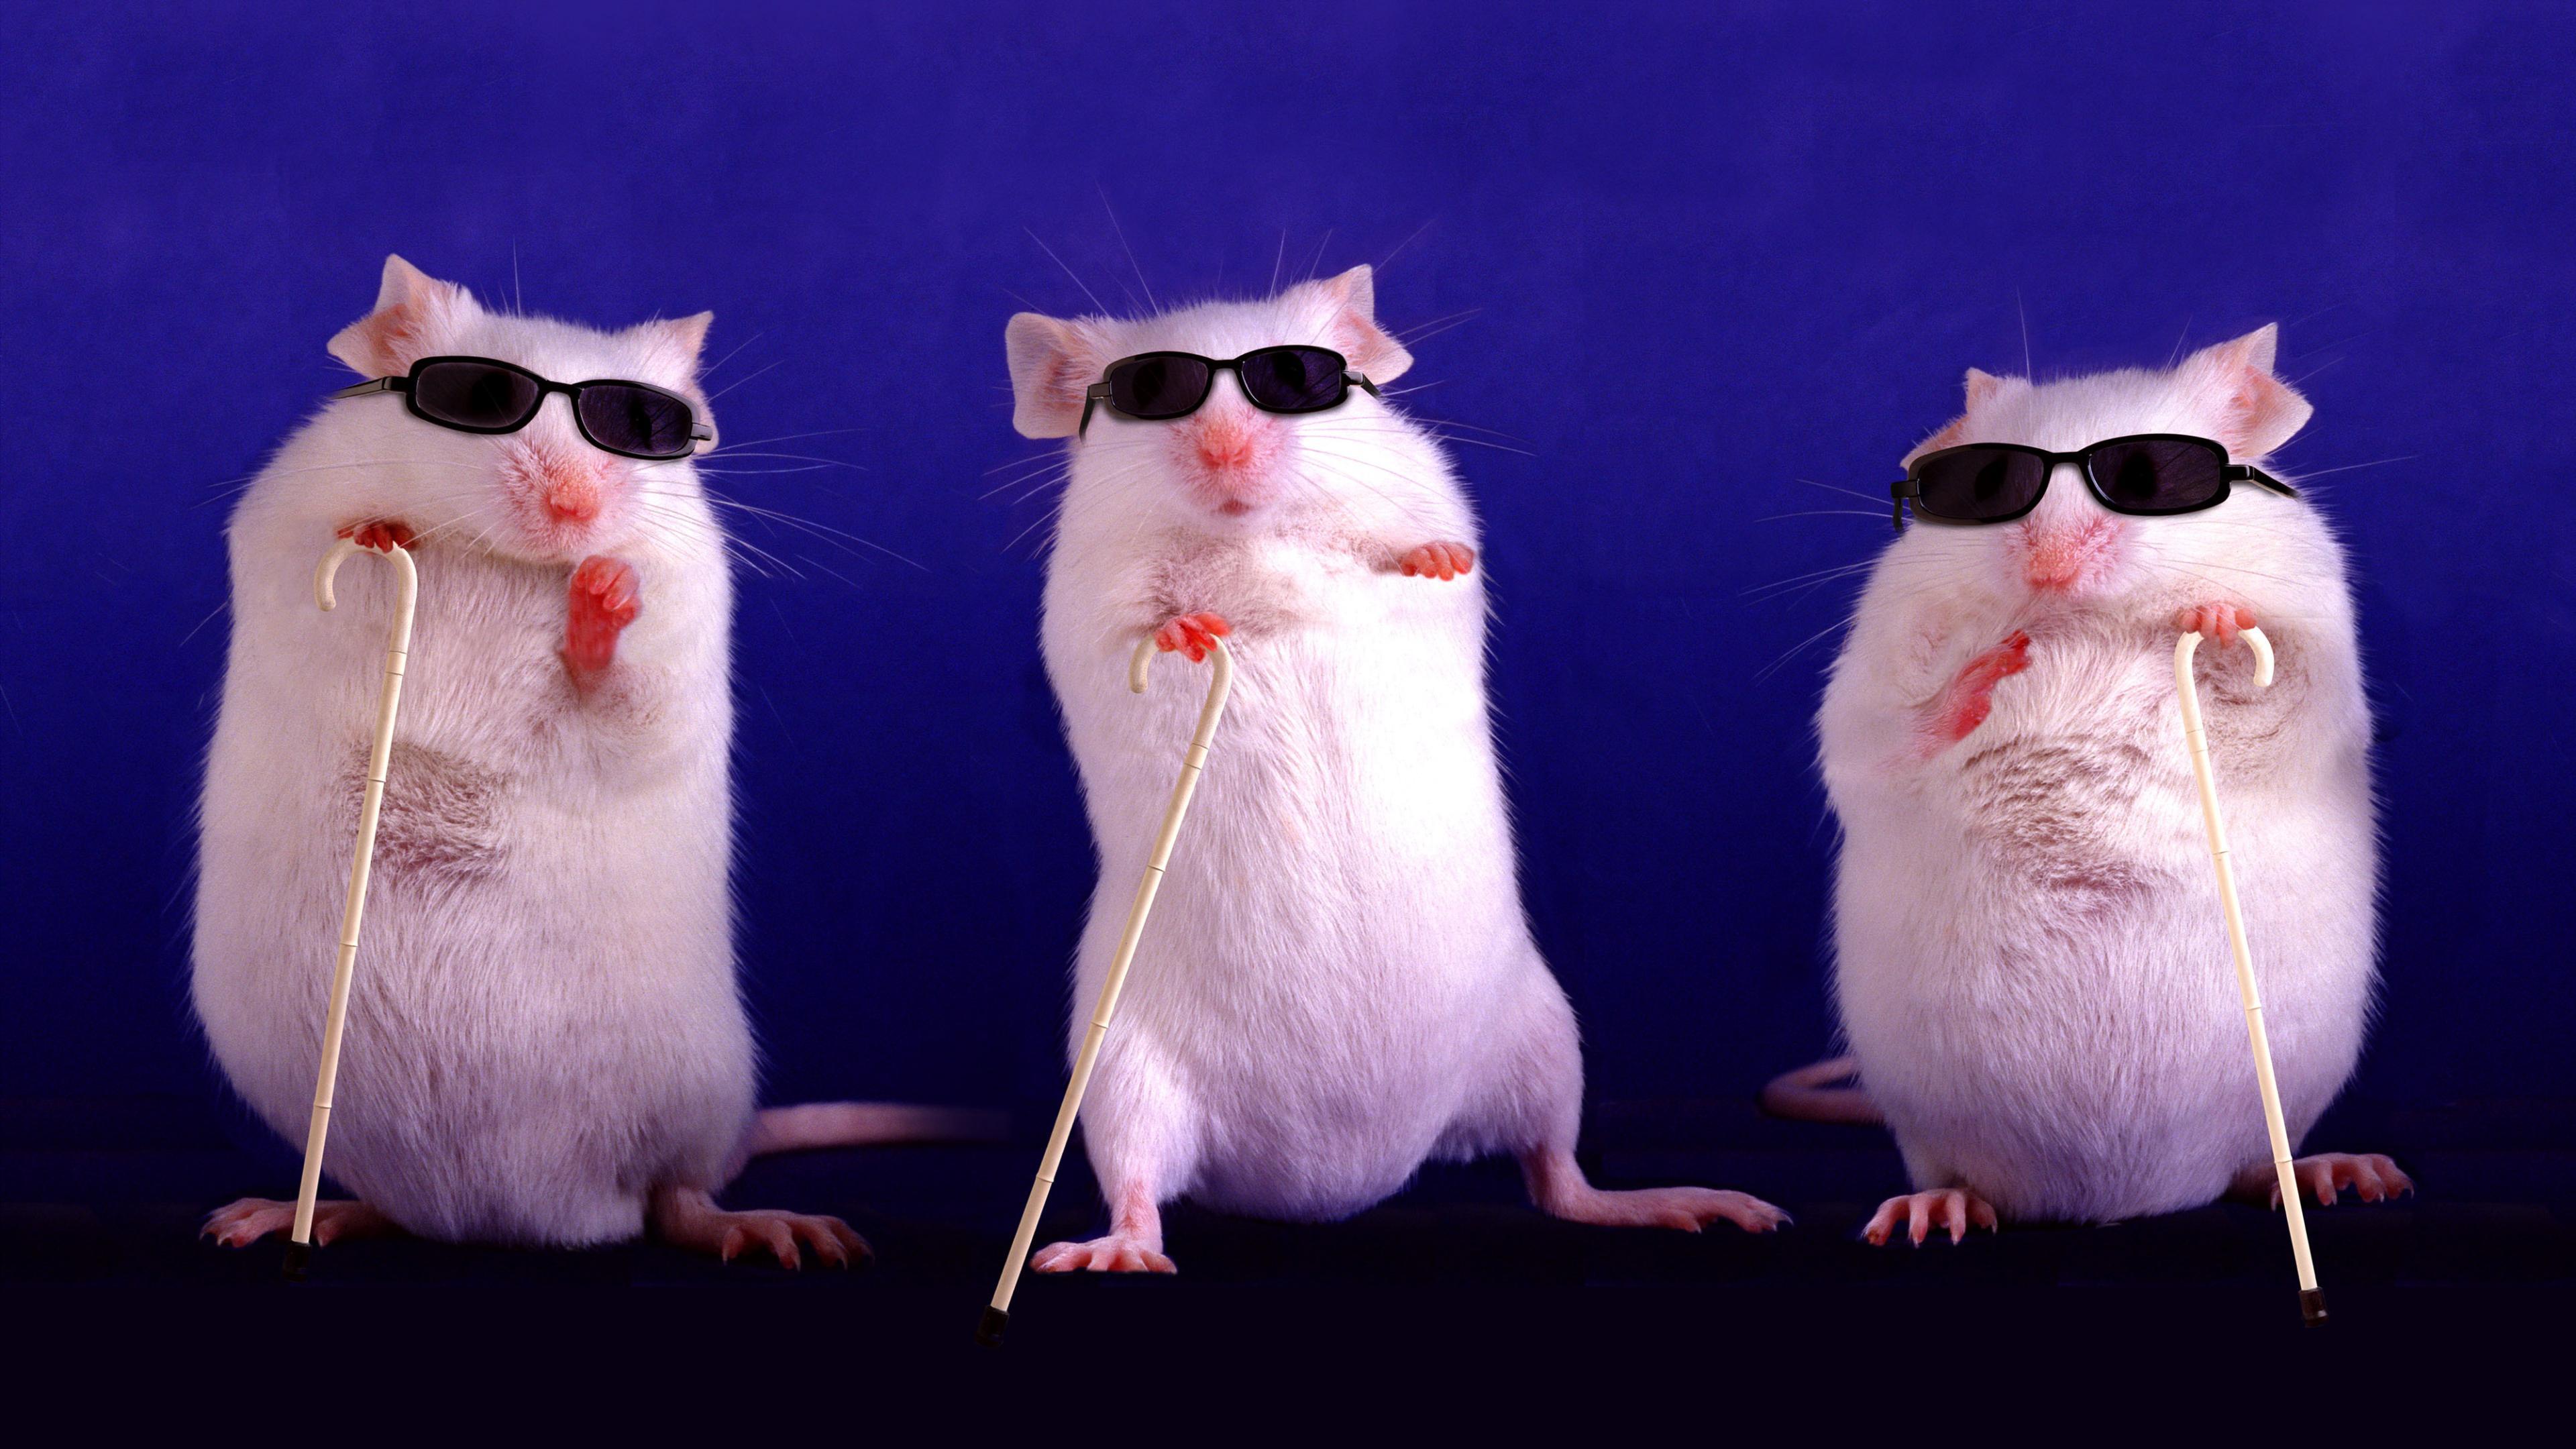 Исключение мышей из заголовка помогло научным статьям набрать популярность в СМИ